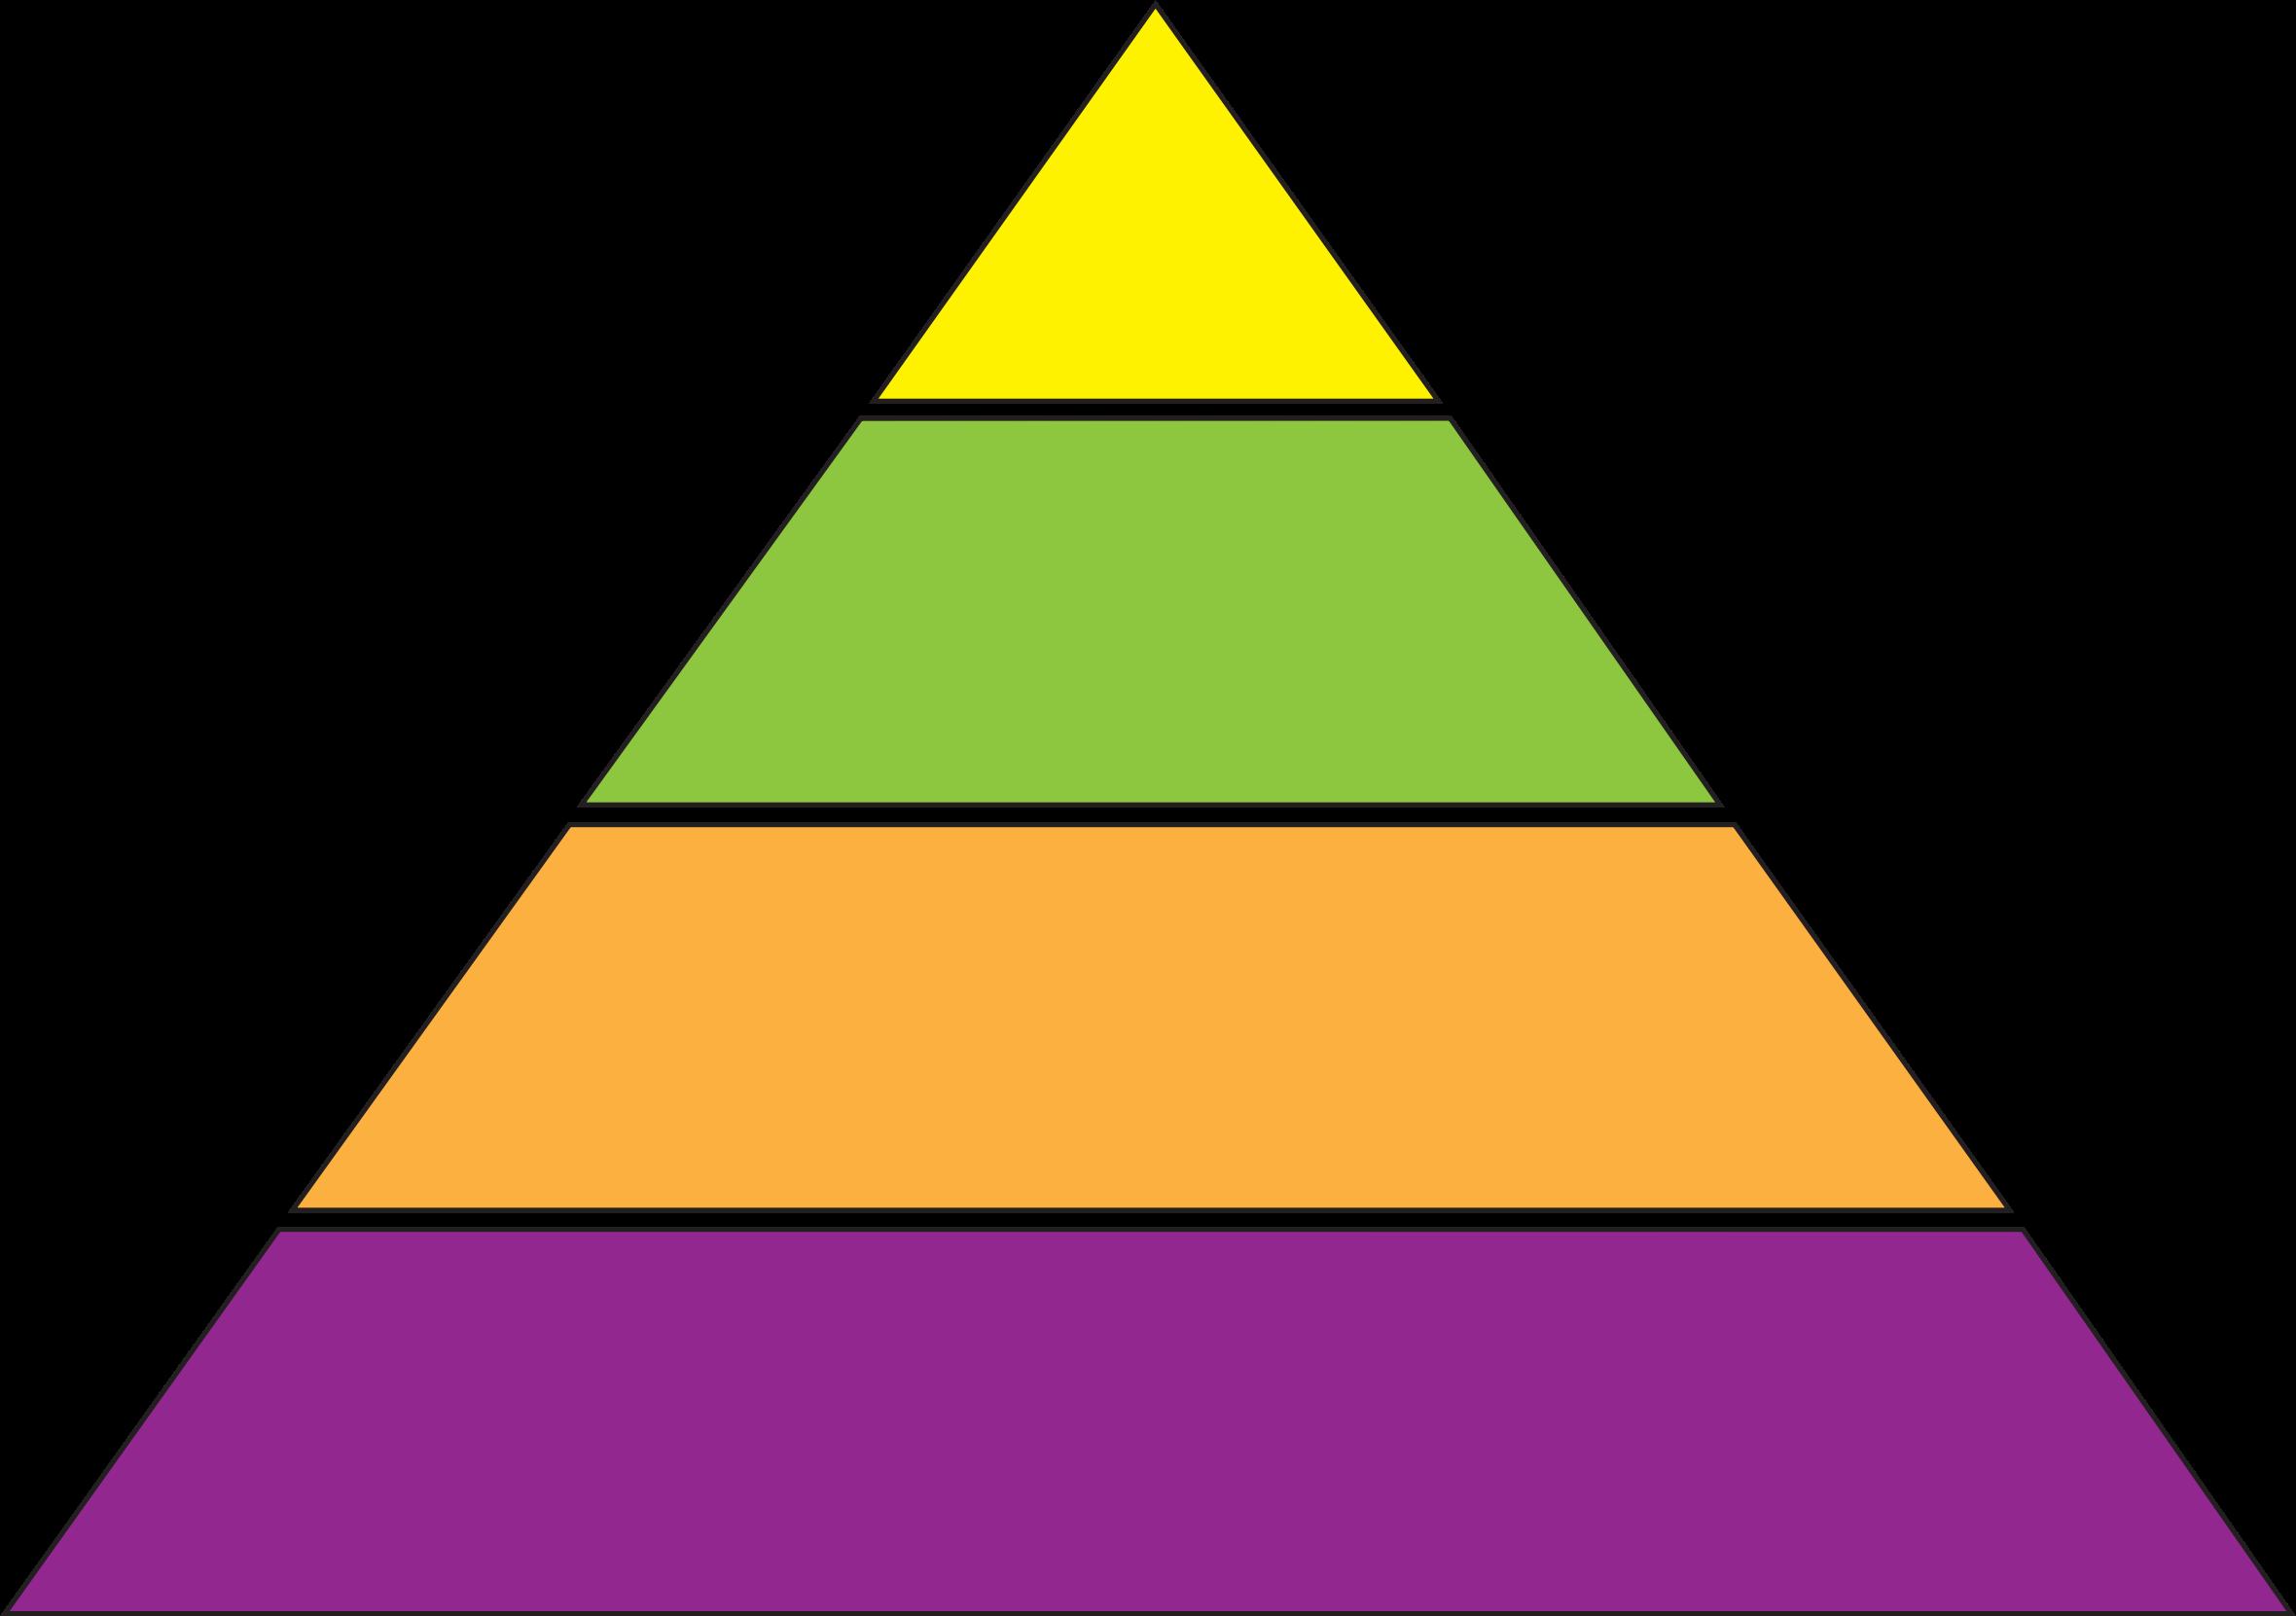 Pyramid cliparts